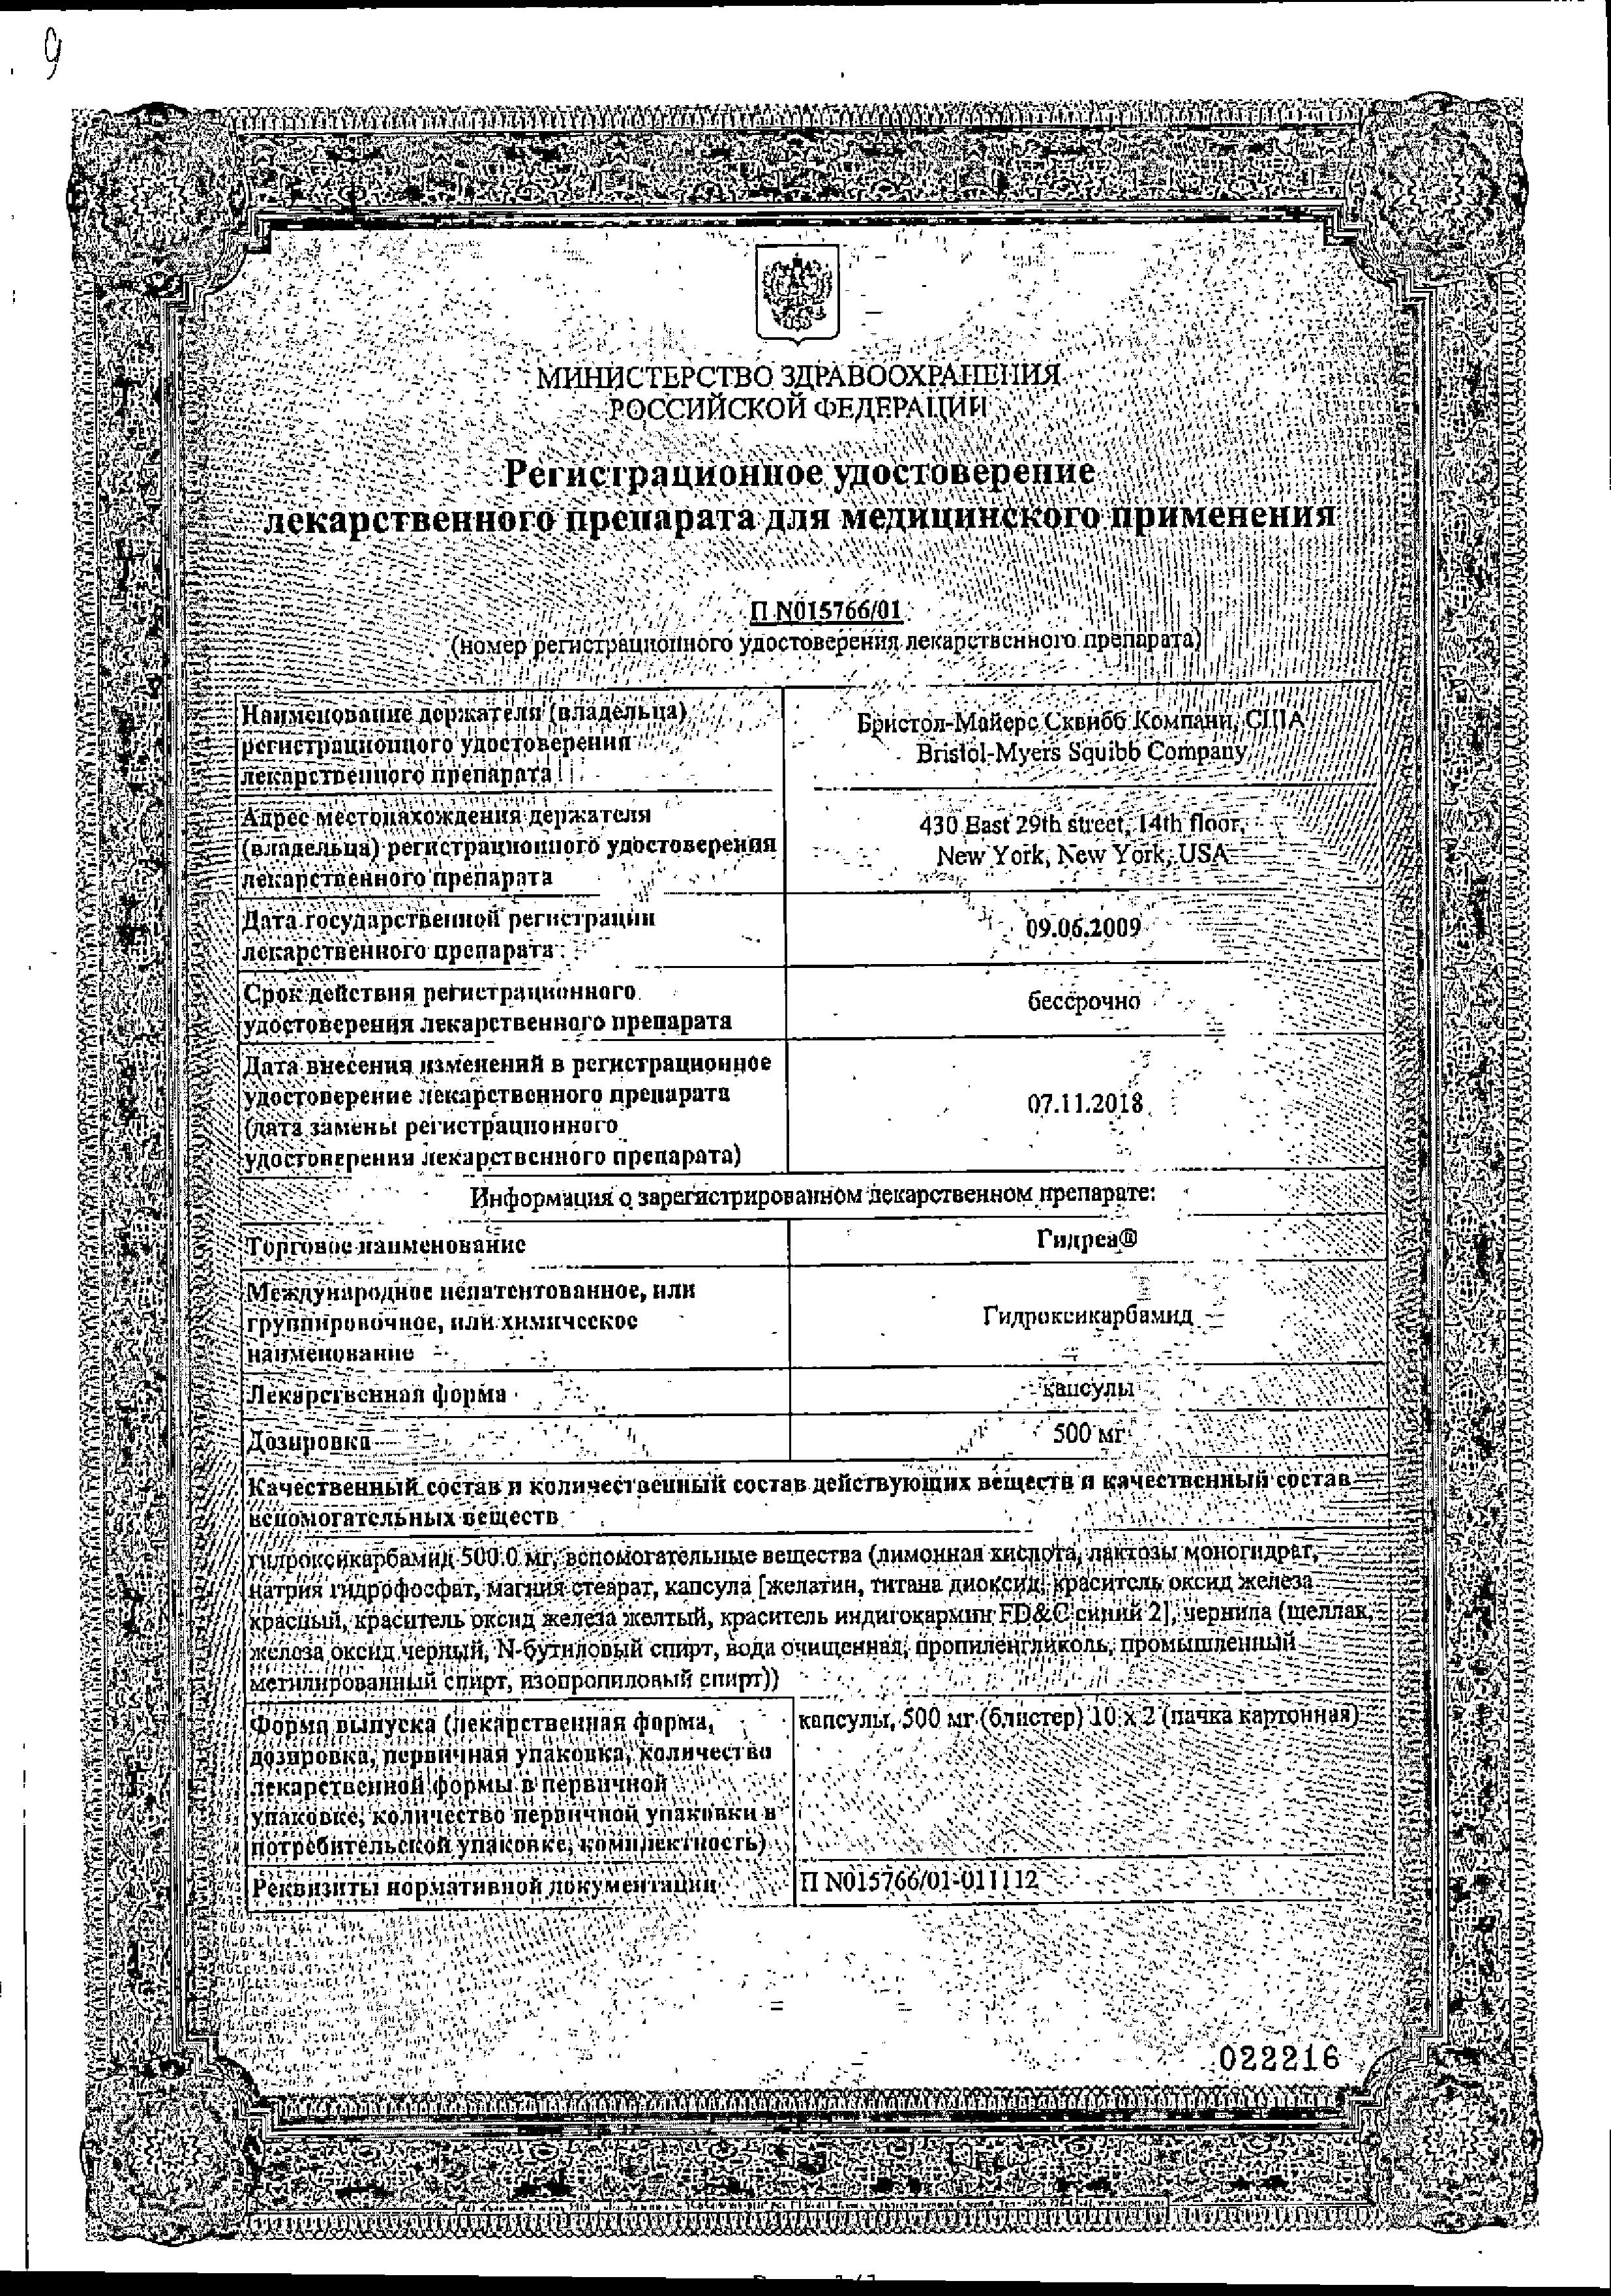 Гидреа сертификат